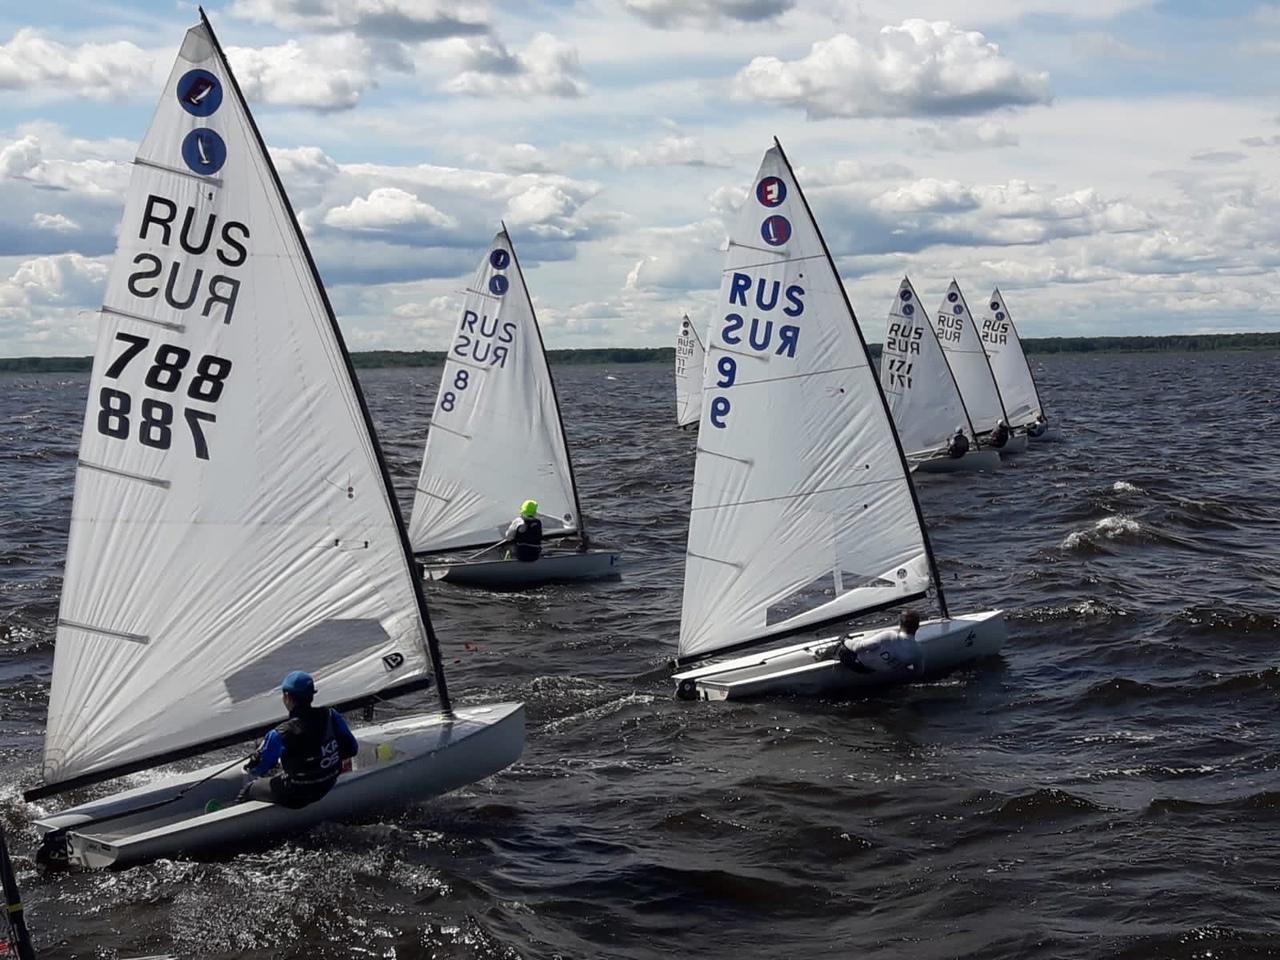 Рыбинские яхтсмены завоевали 6 медалей на соревнованиях по парусному спорту